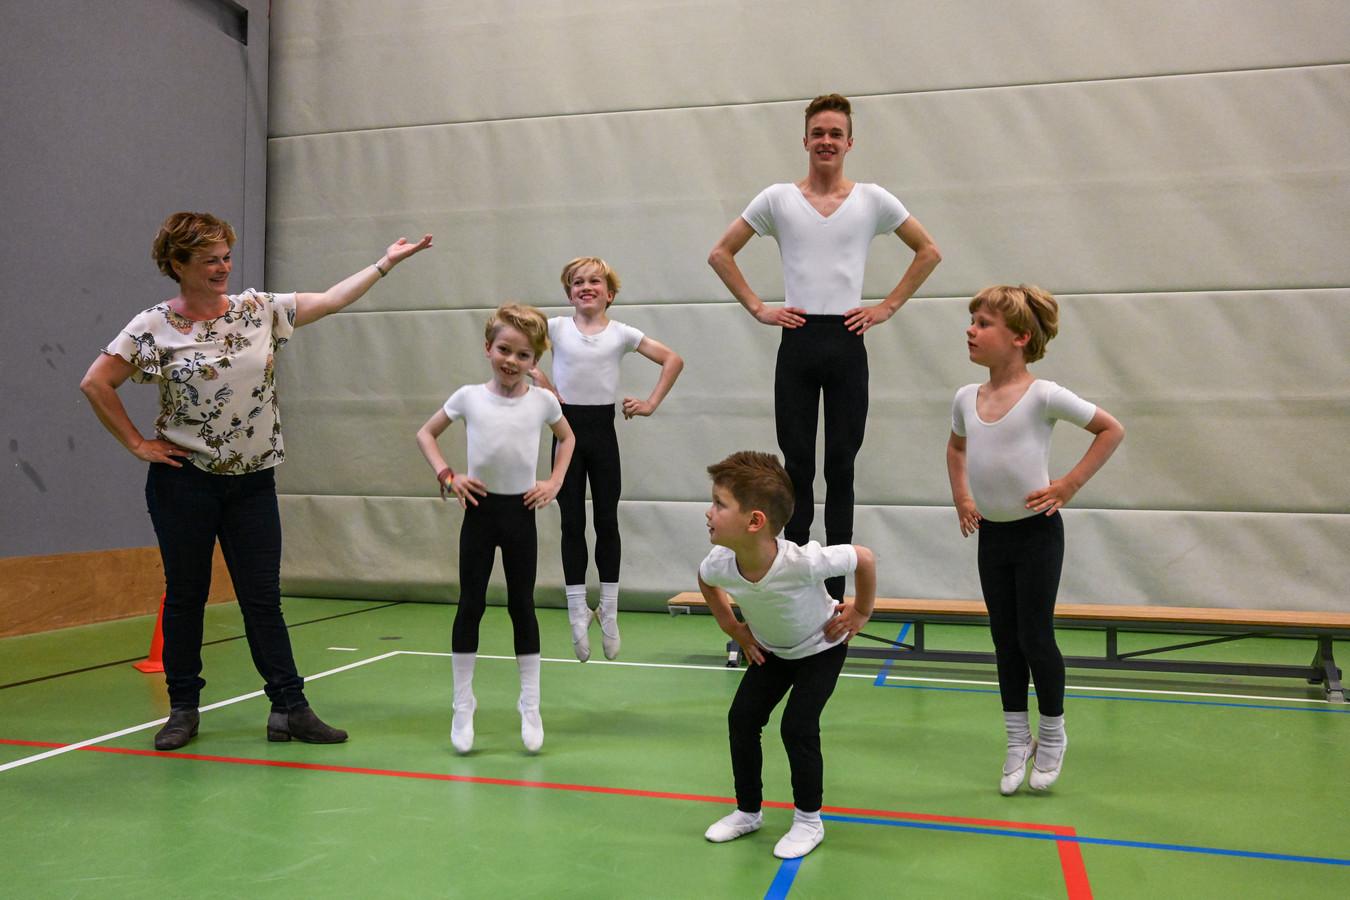 Bernice Zwijnenburg begroet weer jongens op haar Gelderse balletscholen. Onder wie haar zoon Jiri Vos.